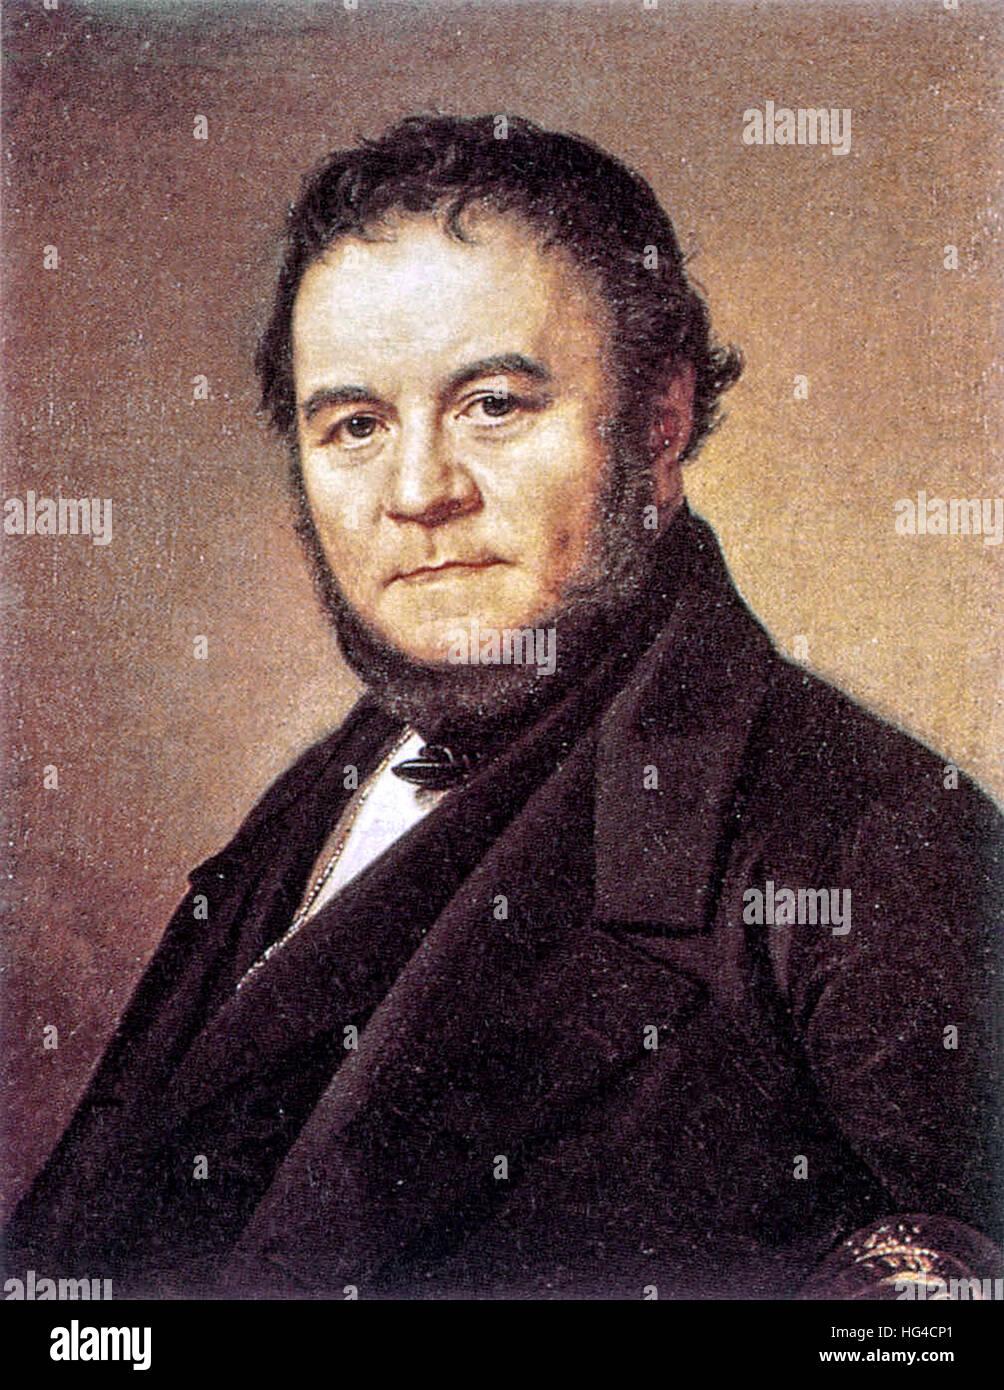 Stendhal, Marie-Henri Beyle, französischer Schriftsteller. Stockbild